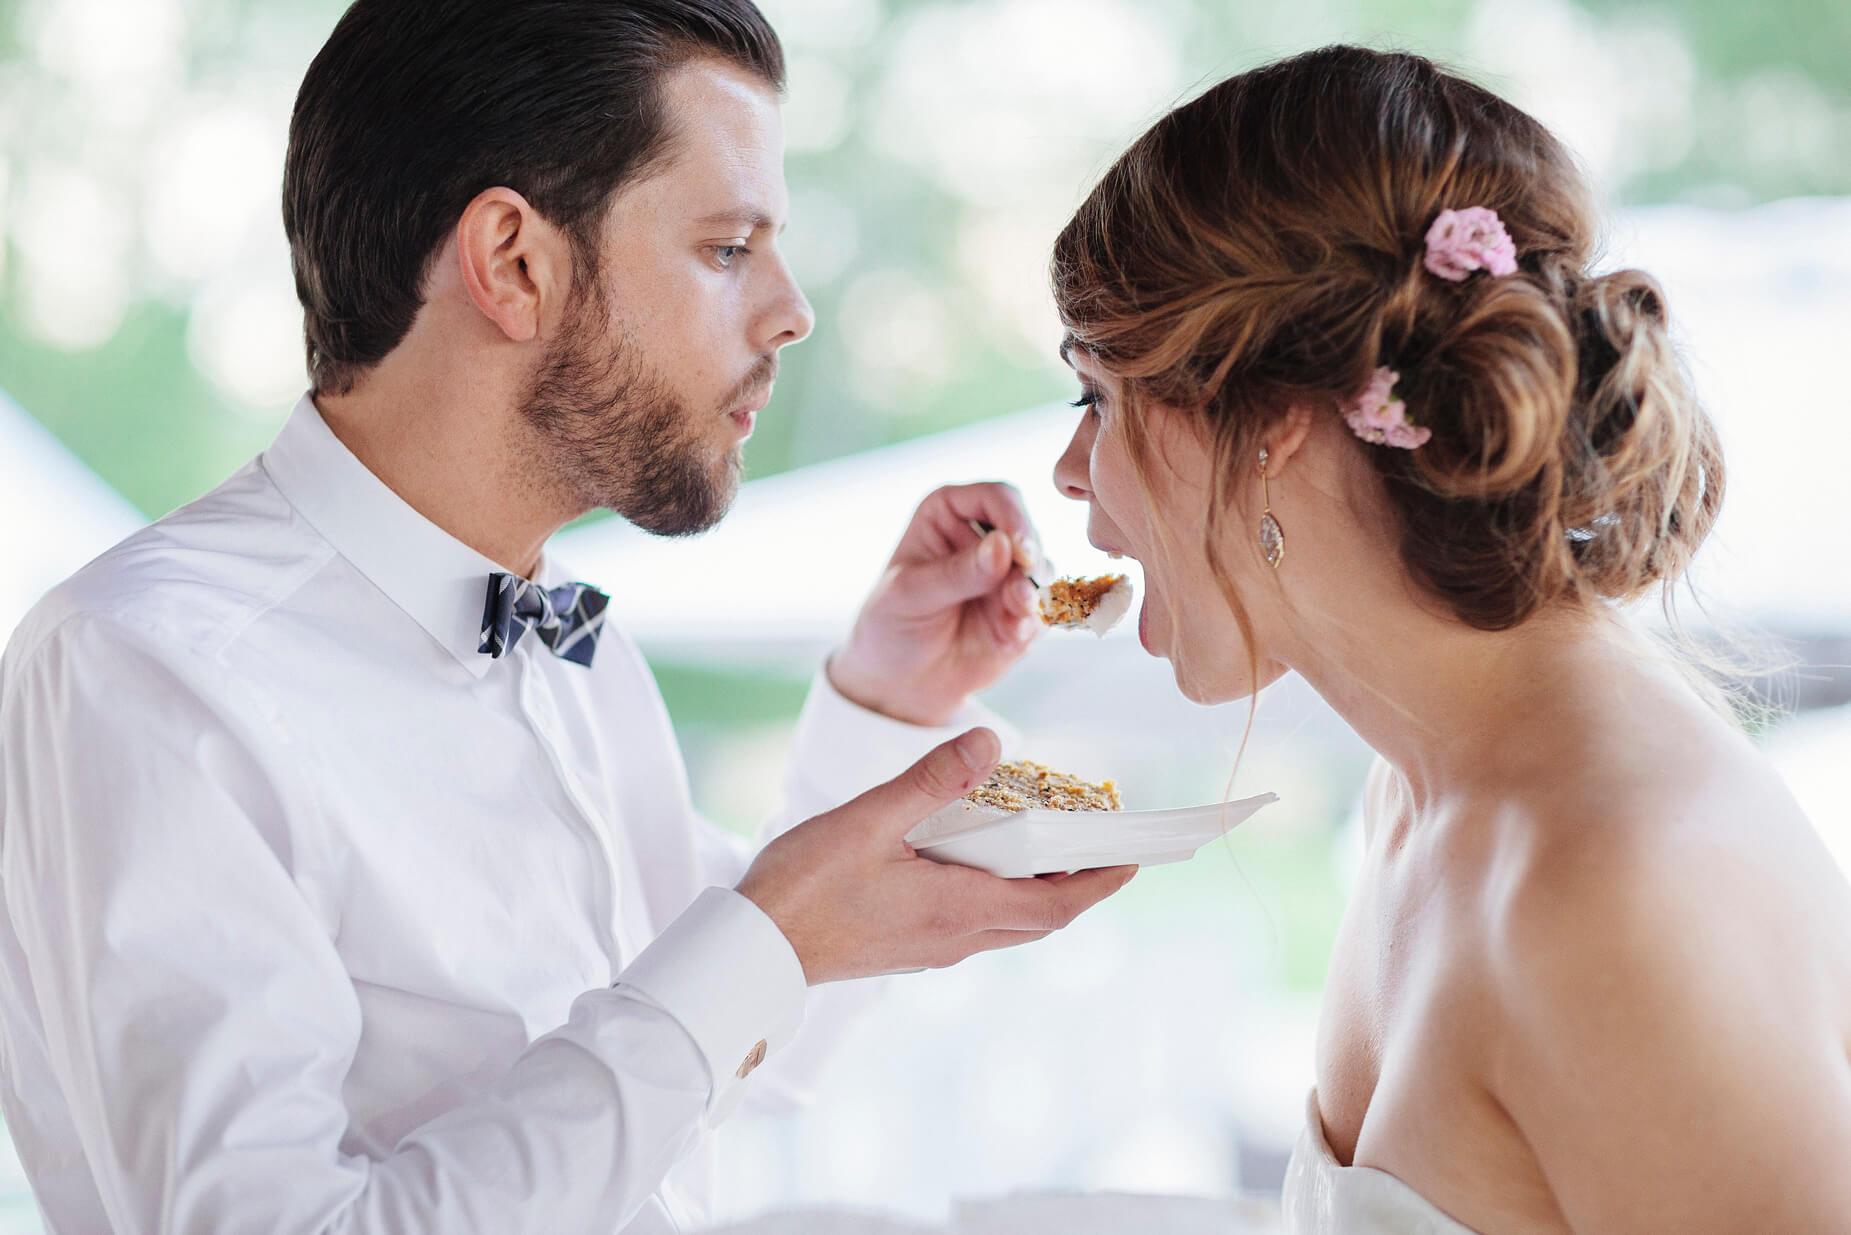 you-me-us_wedding-and-family-photography_hochzeitsreportage-hamburg_isabelle-niki_201